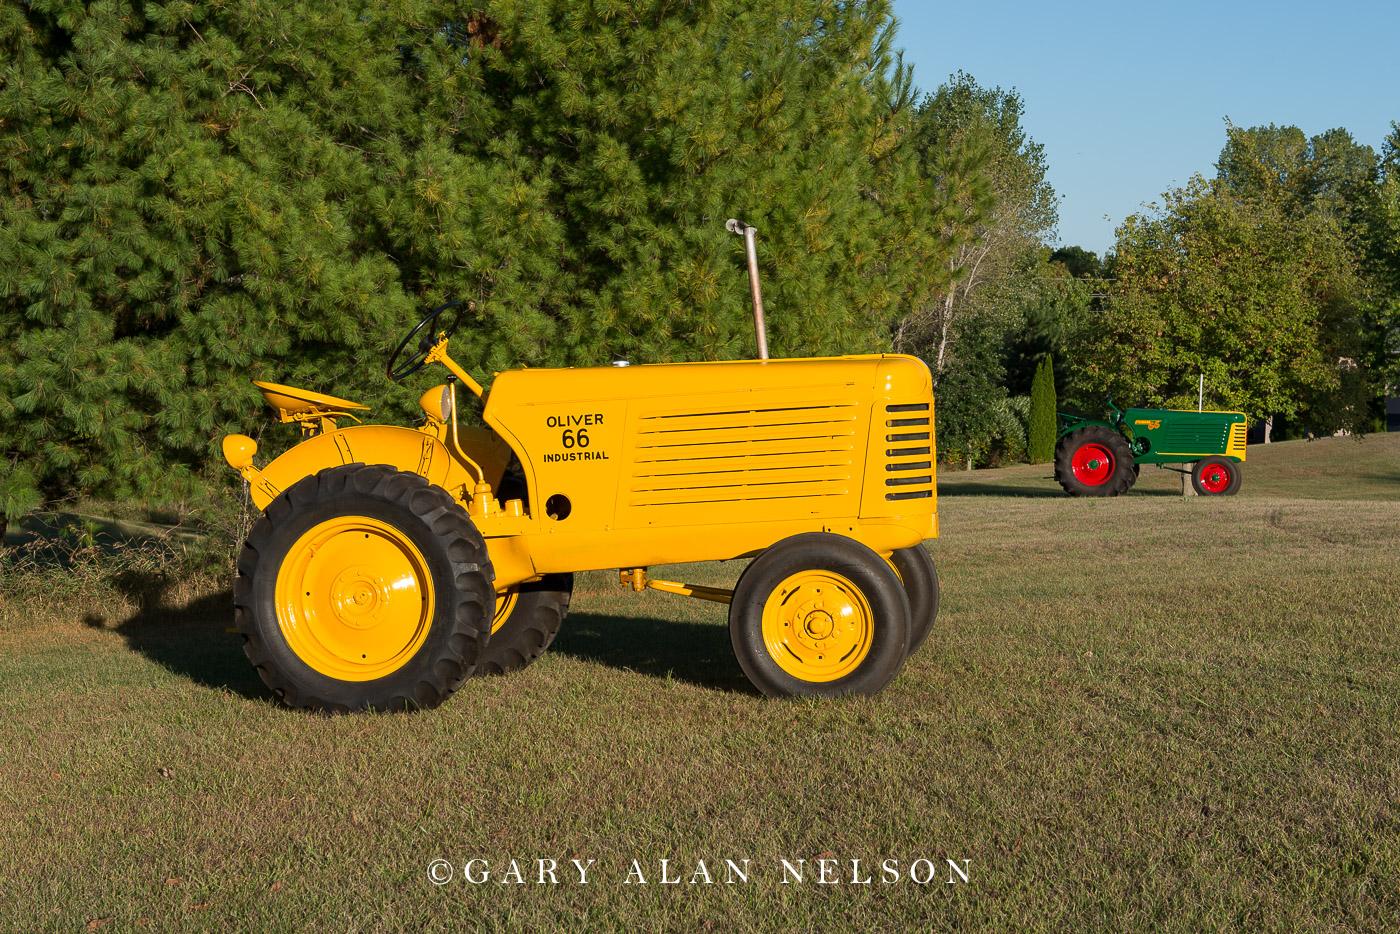 1954 Oliver 66 Industrial, and 1949 Oliver 66 Standard